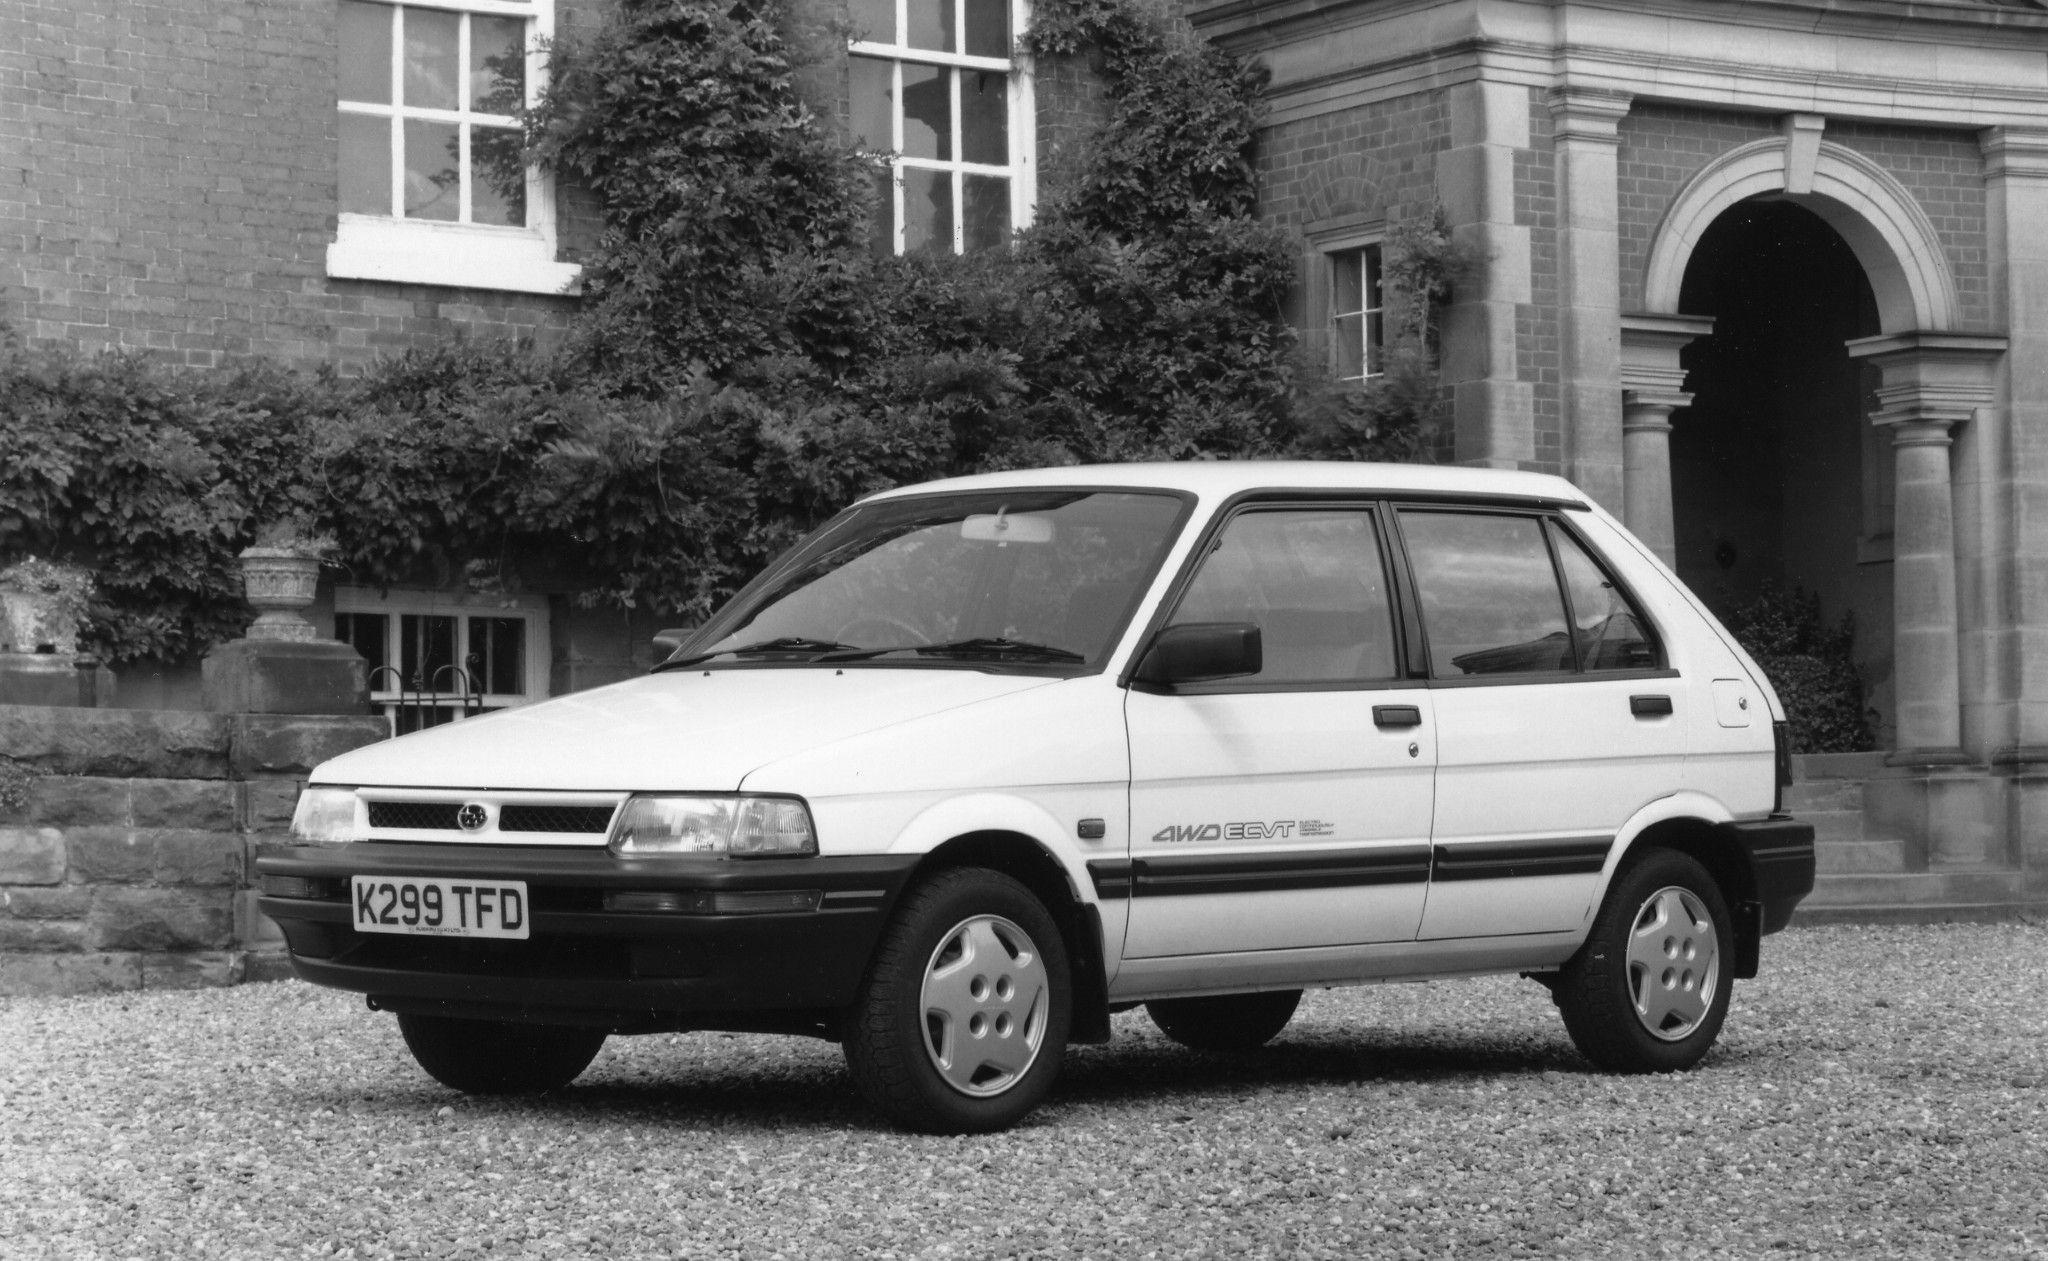 Subaru Justy 5 Door Uk Spec Ka 1988 94 In 2020 Subaru Justy Subaru Subaru Cars